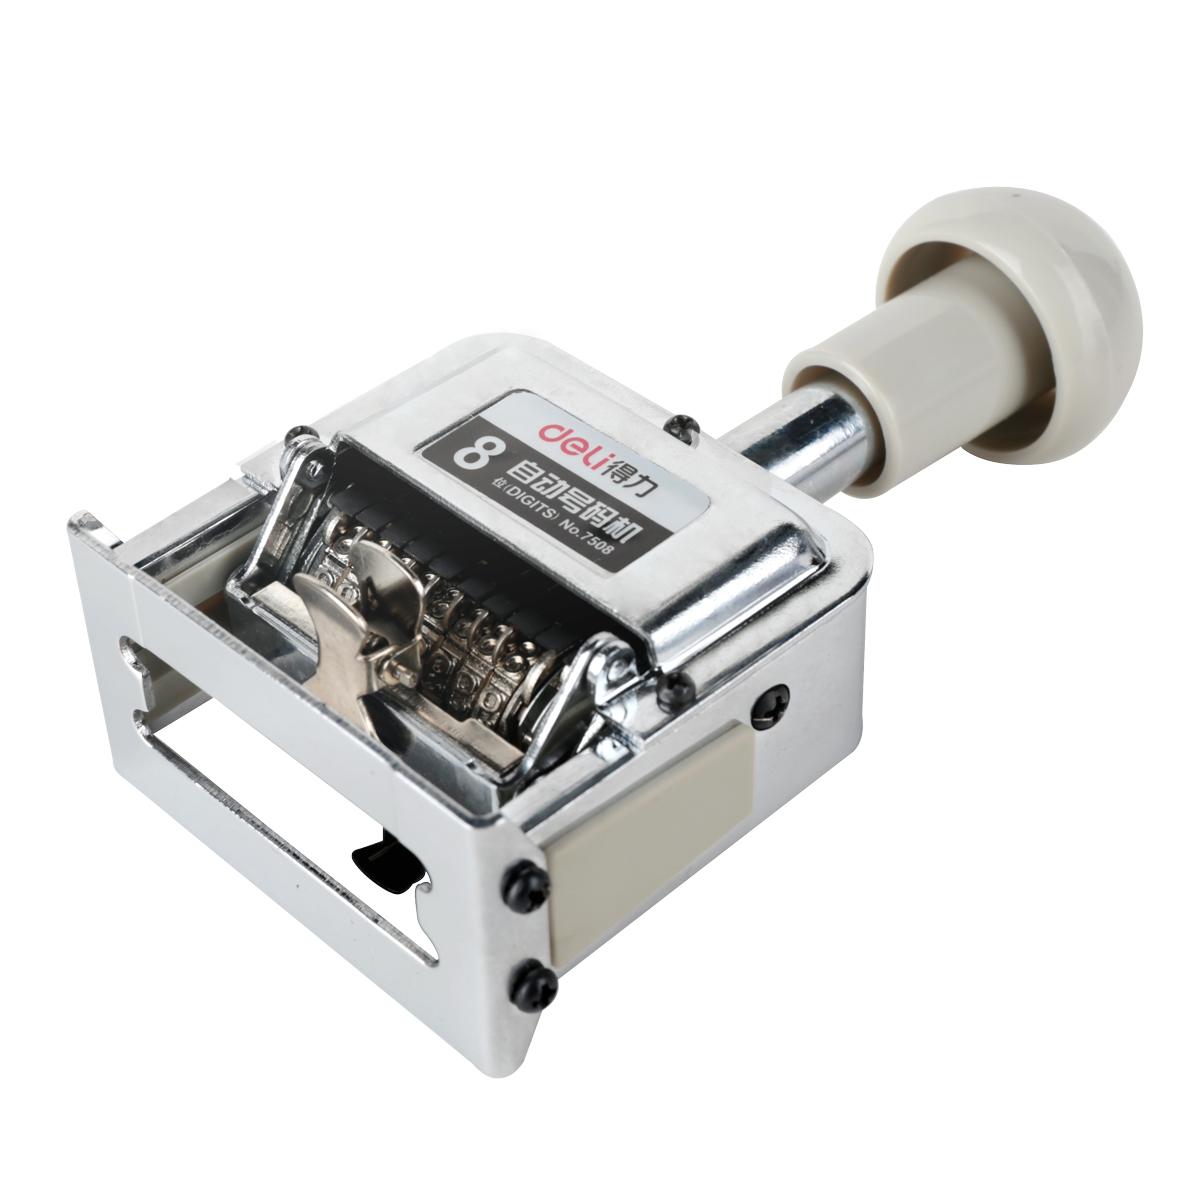 得力自动号码机7508 手动打号编号批号生产日期8位数字印章页码器